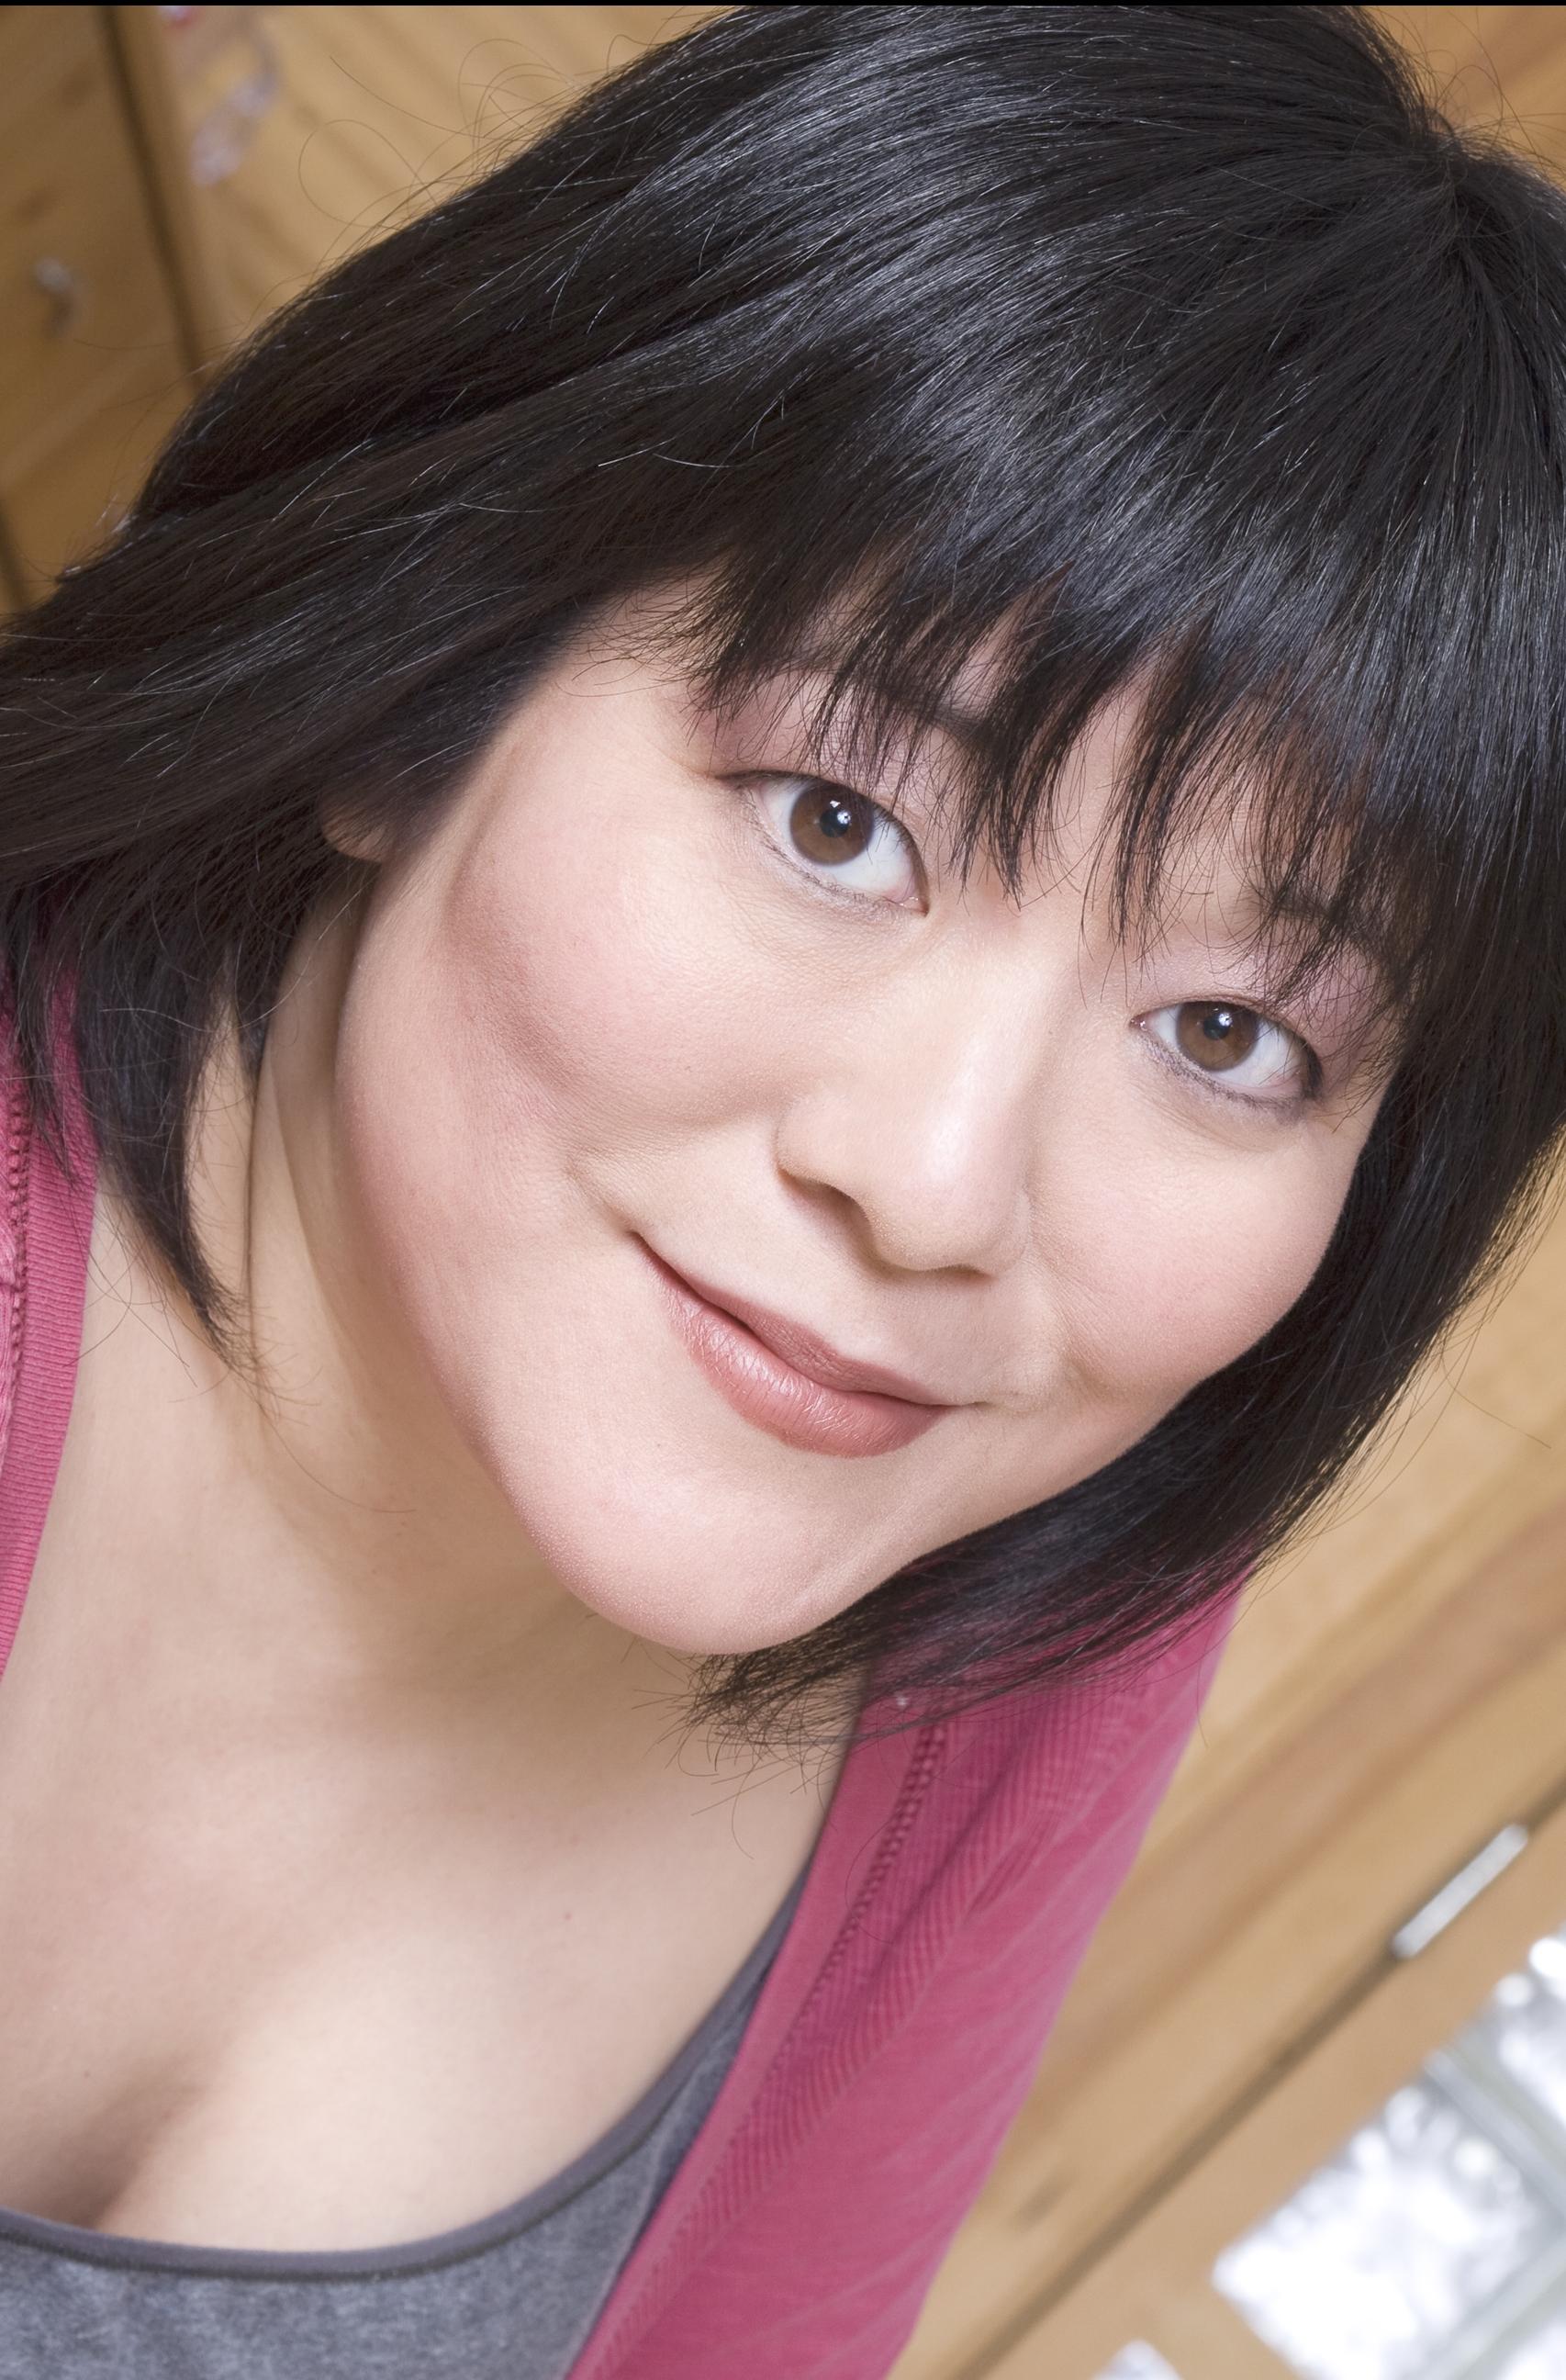 Ann Harada makes a guest appearance on Thursday, 06/02!